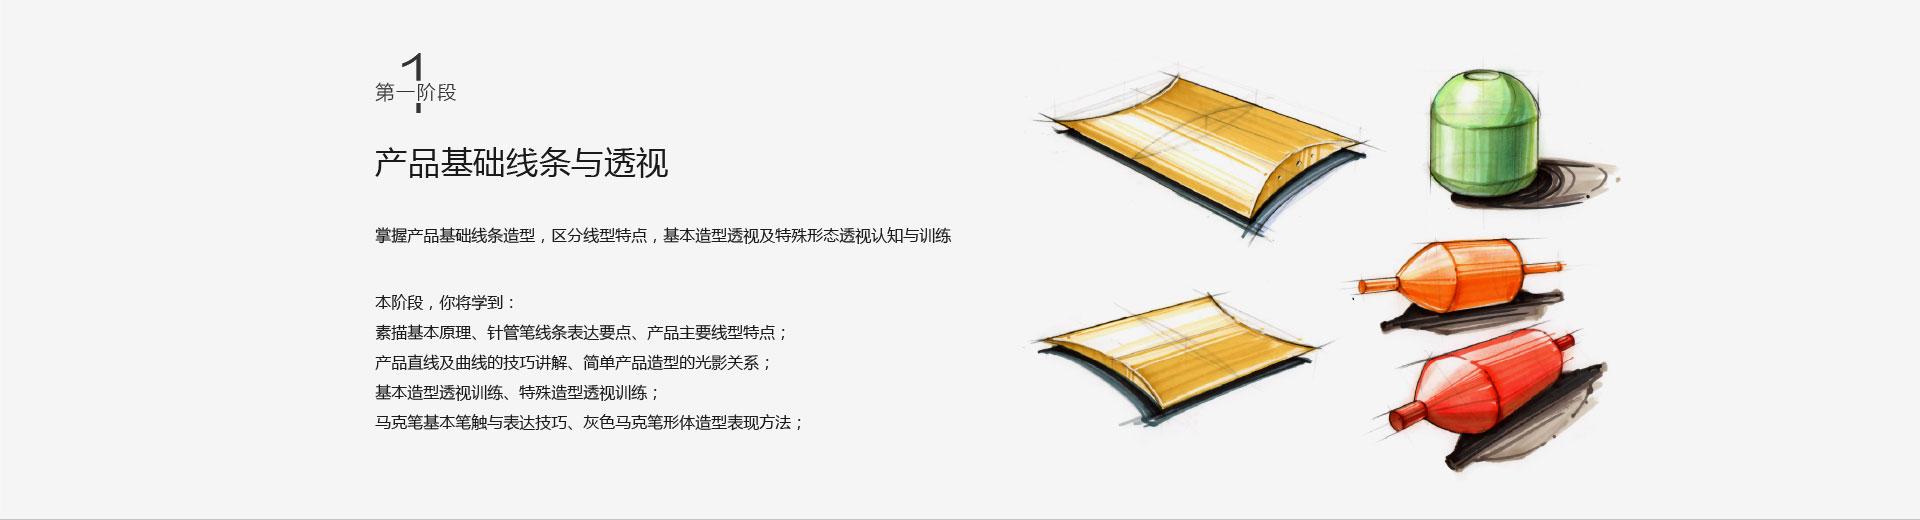 产品手绘_05.jpg